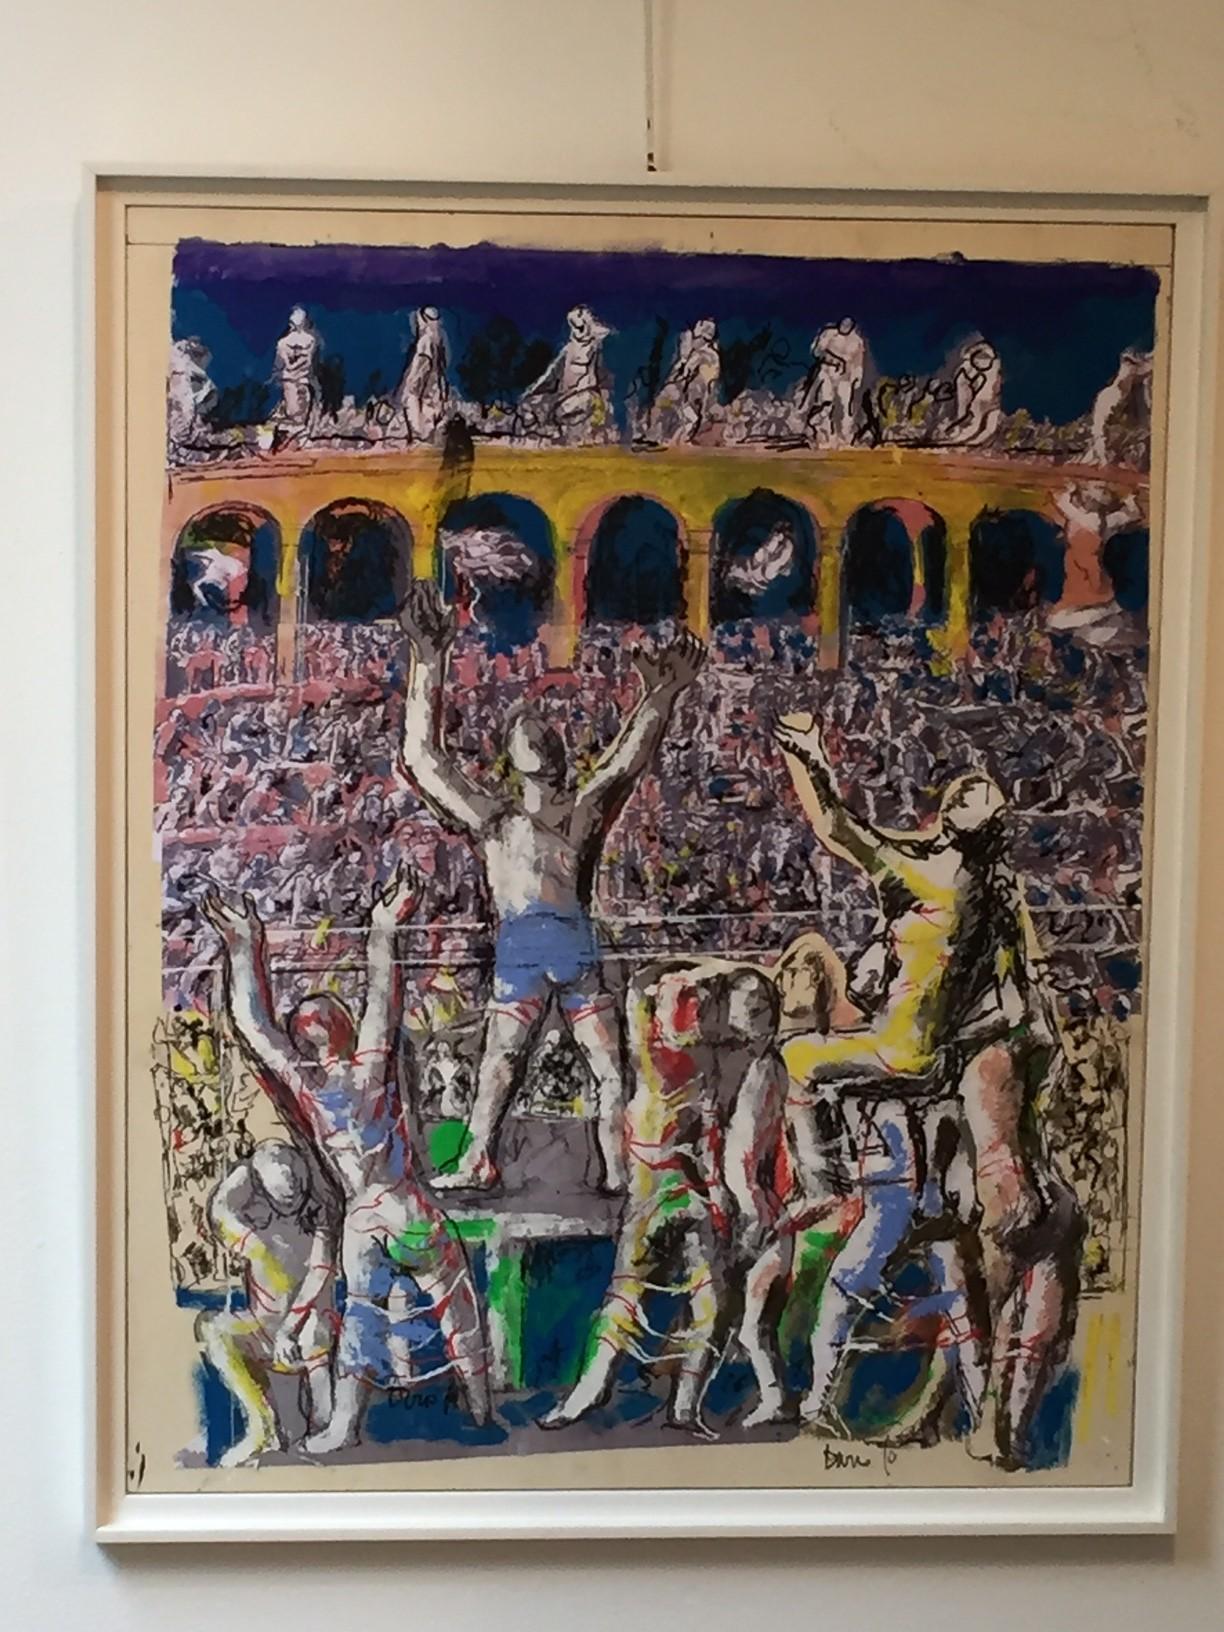 La storia del pugile Trollmann nelle opere di Dario Fo